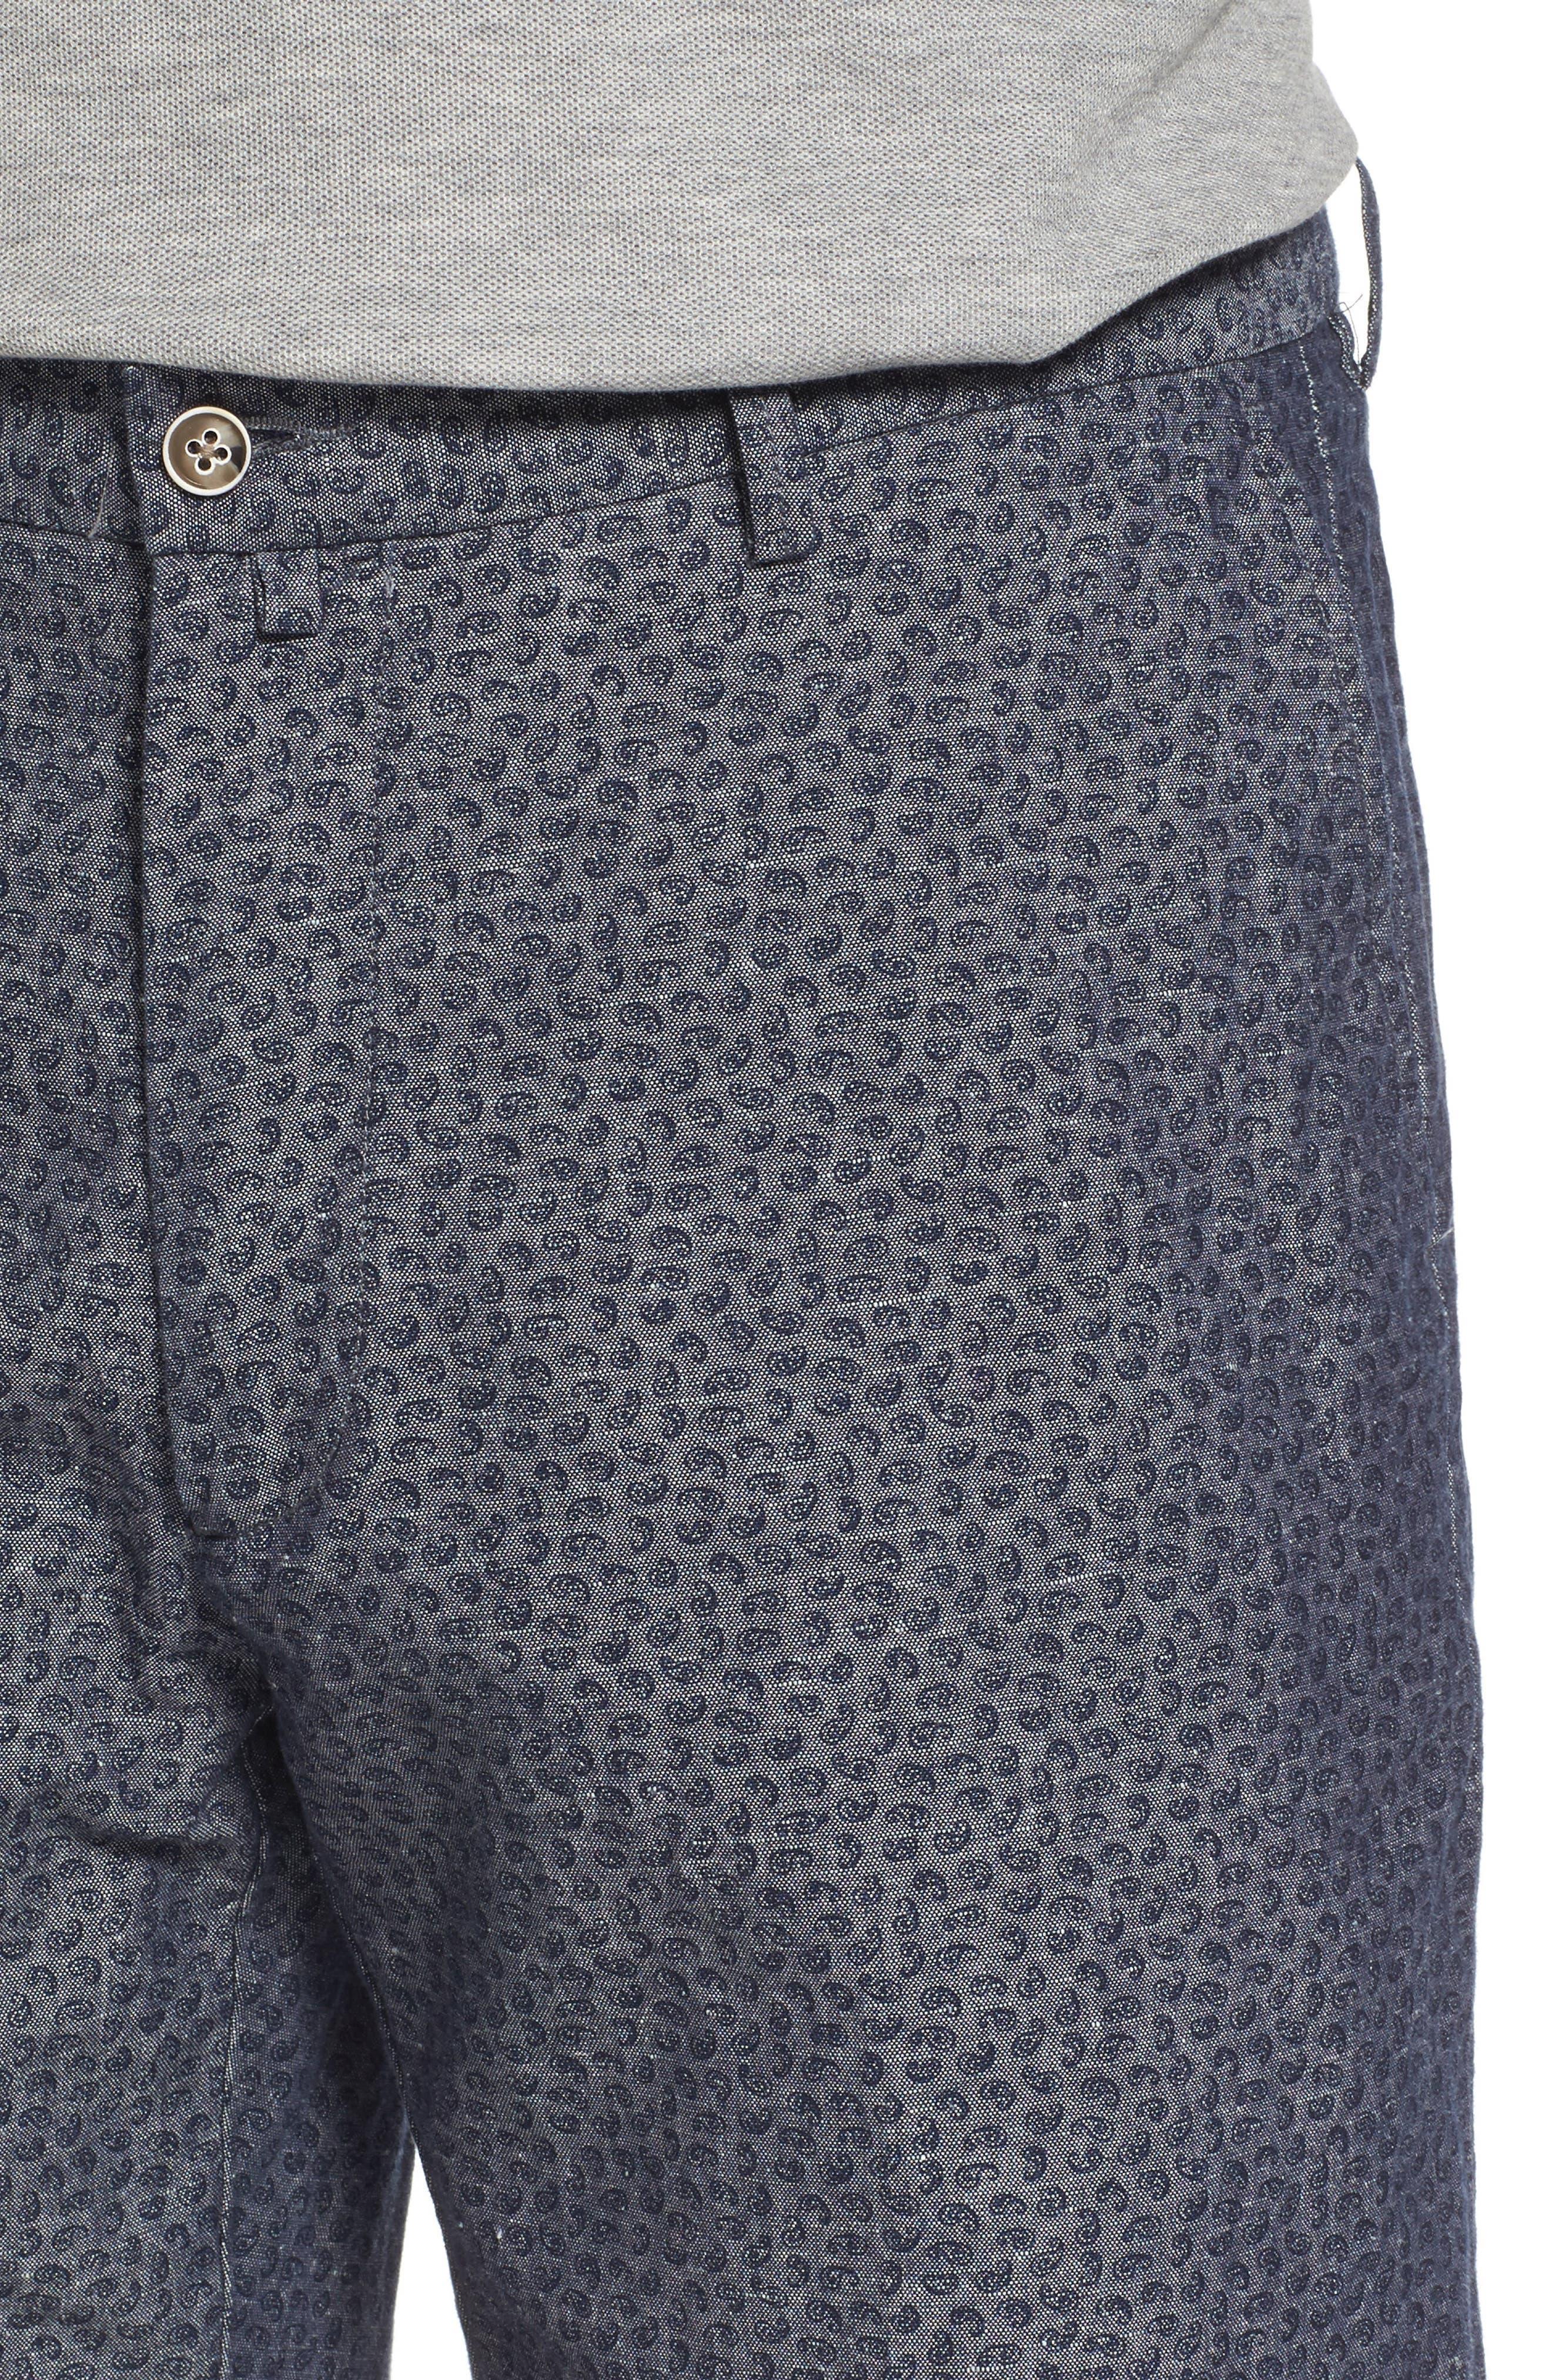 Paisley Chambray Flat Front Shorts,                             Alternate thumbnail 4, color,                             Dark Grey